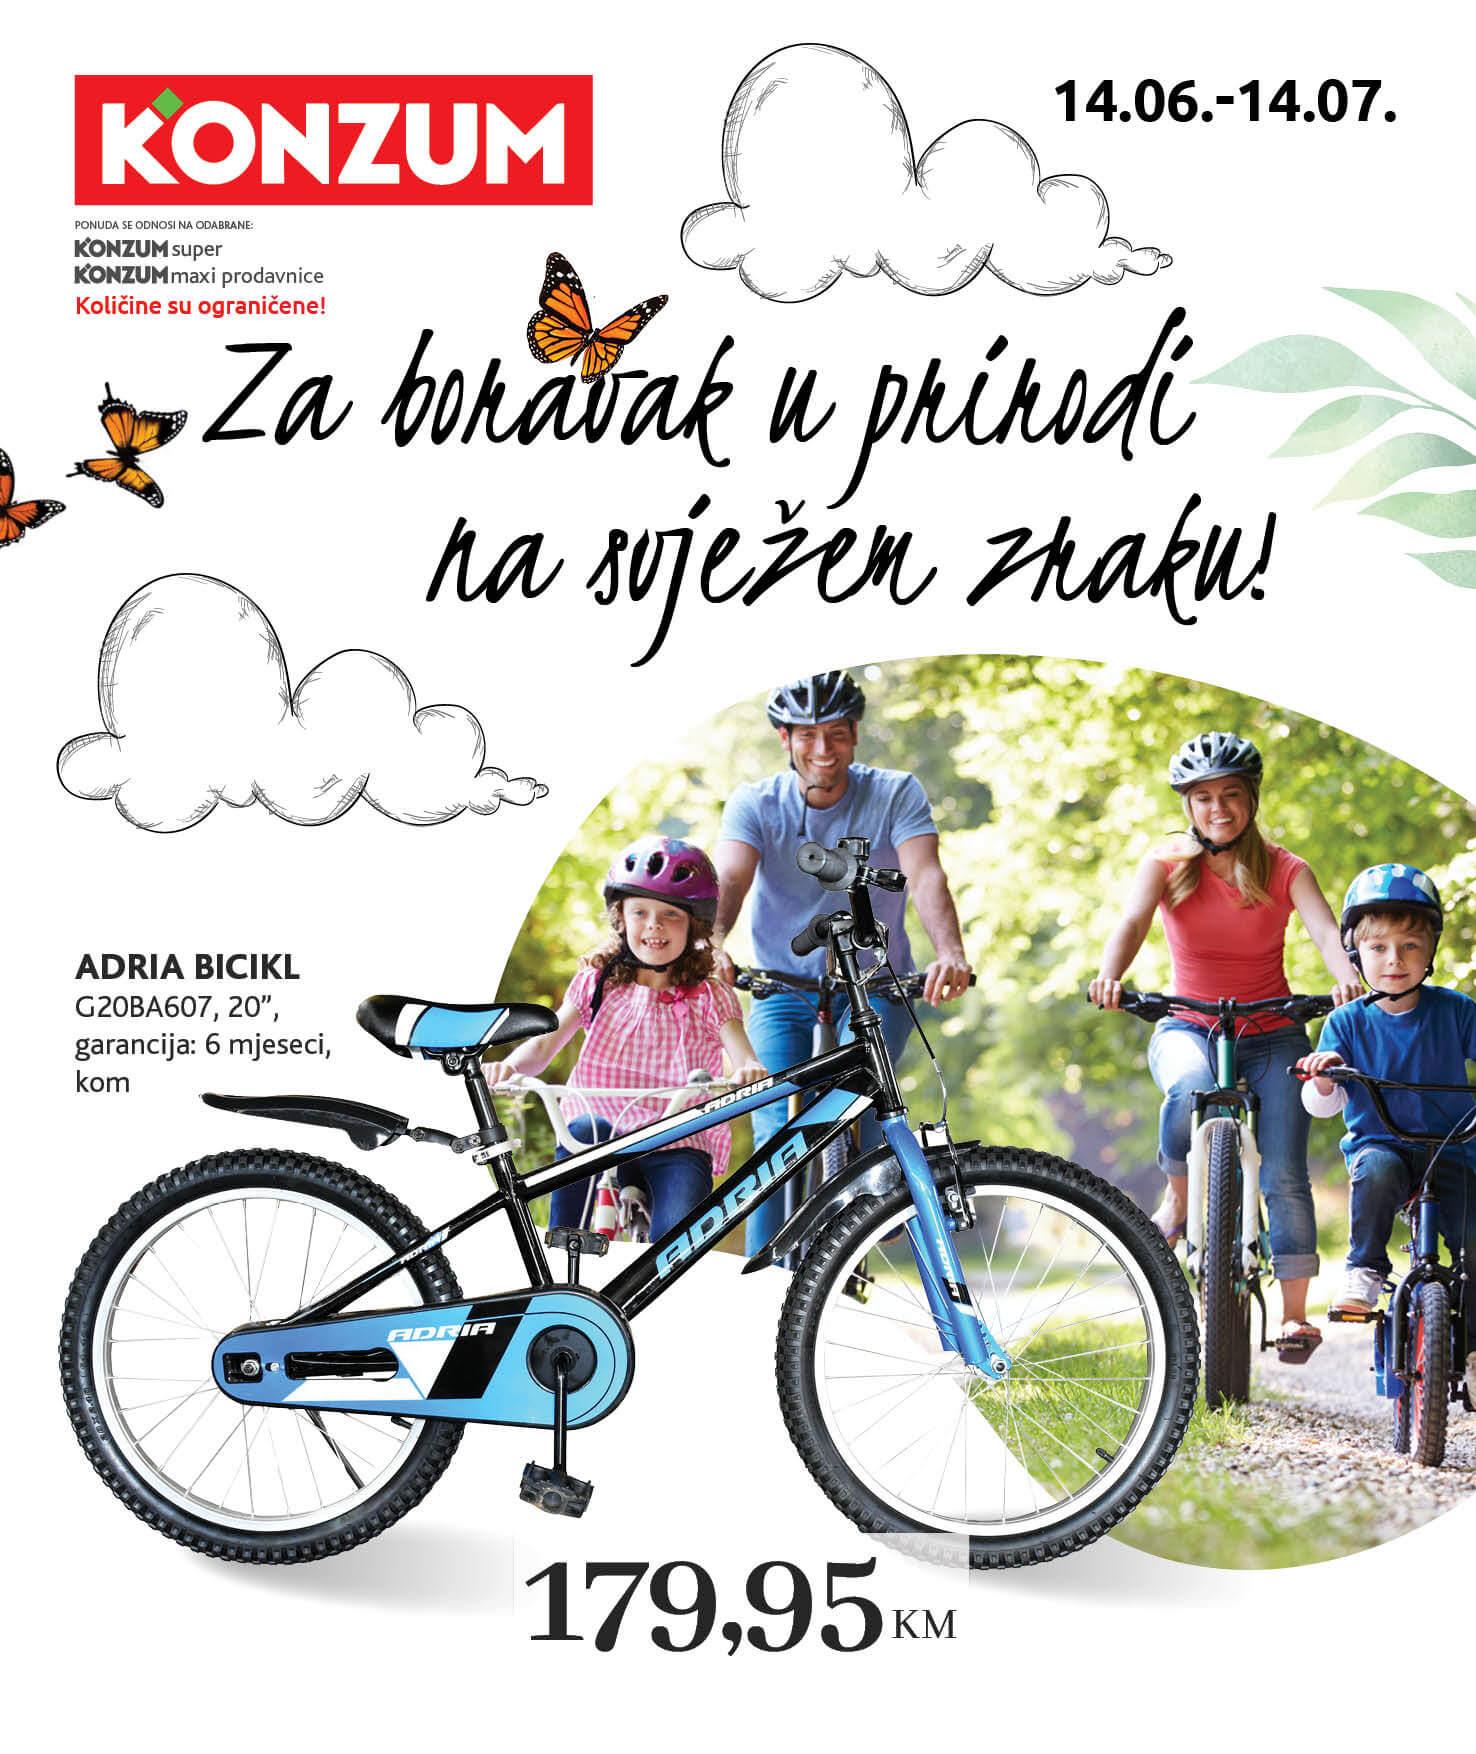 KONZUM Katalog Za boravak u prirodi JUN i JUL 2021 14.6. 14.7. eKatalozi.com PR Page 01